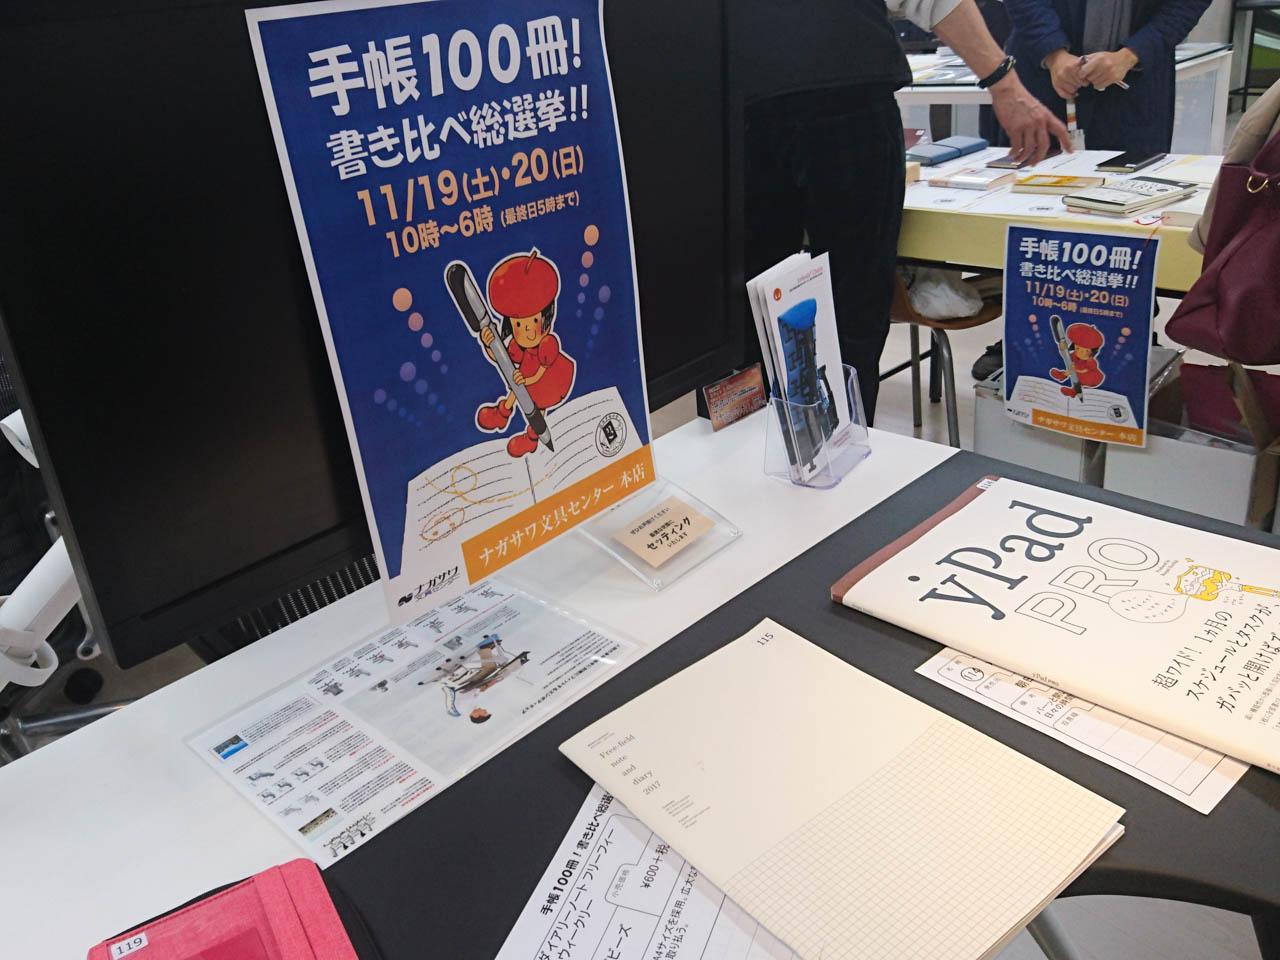 こだわりがたどり着く場所は多彩で面白い「手帳100冊! 書き比べ総選挙!!」